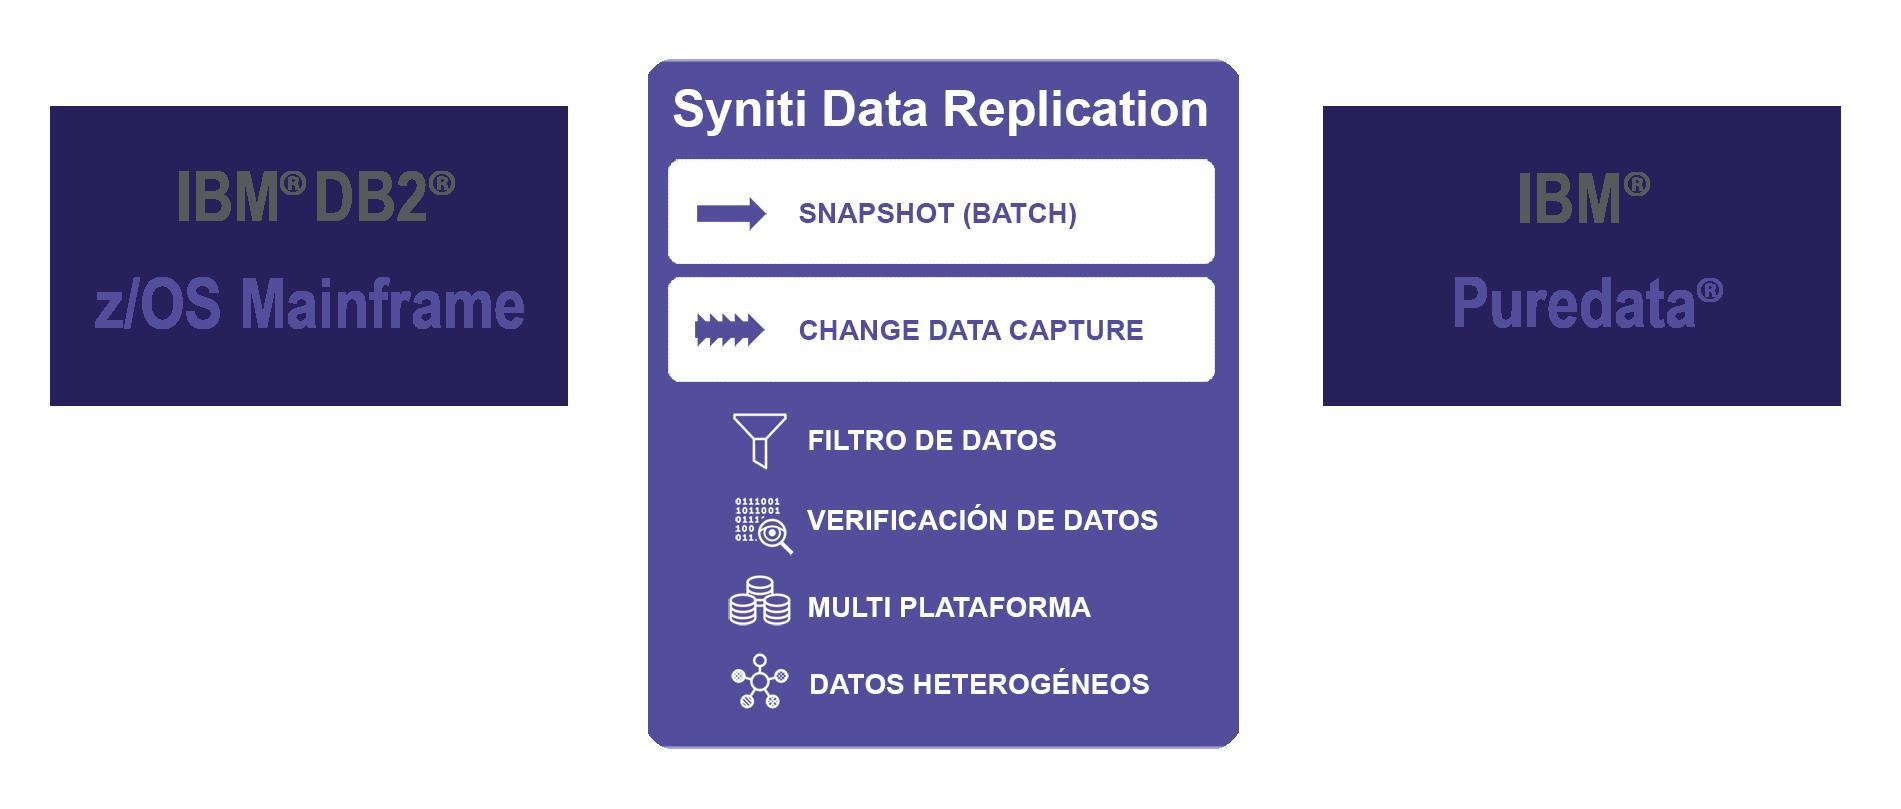 Replicacion de datos DB2 z/OS a Puredata